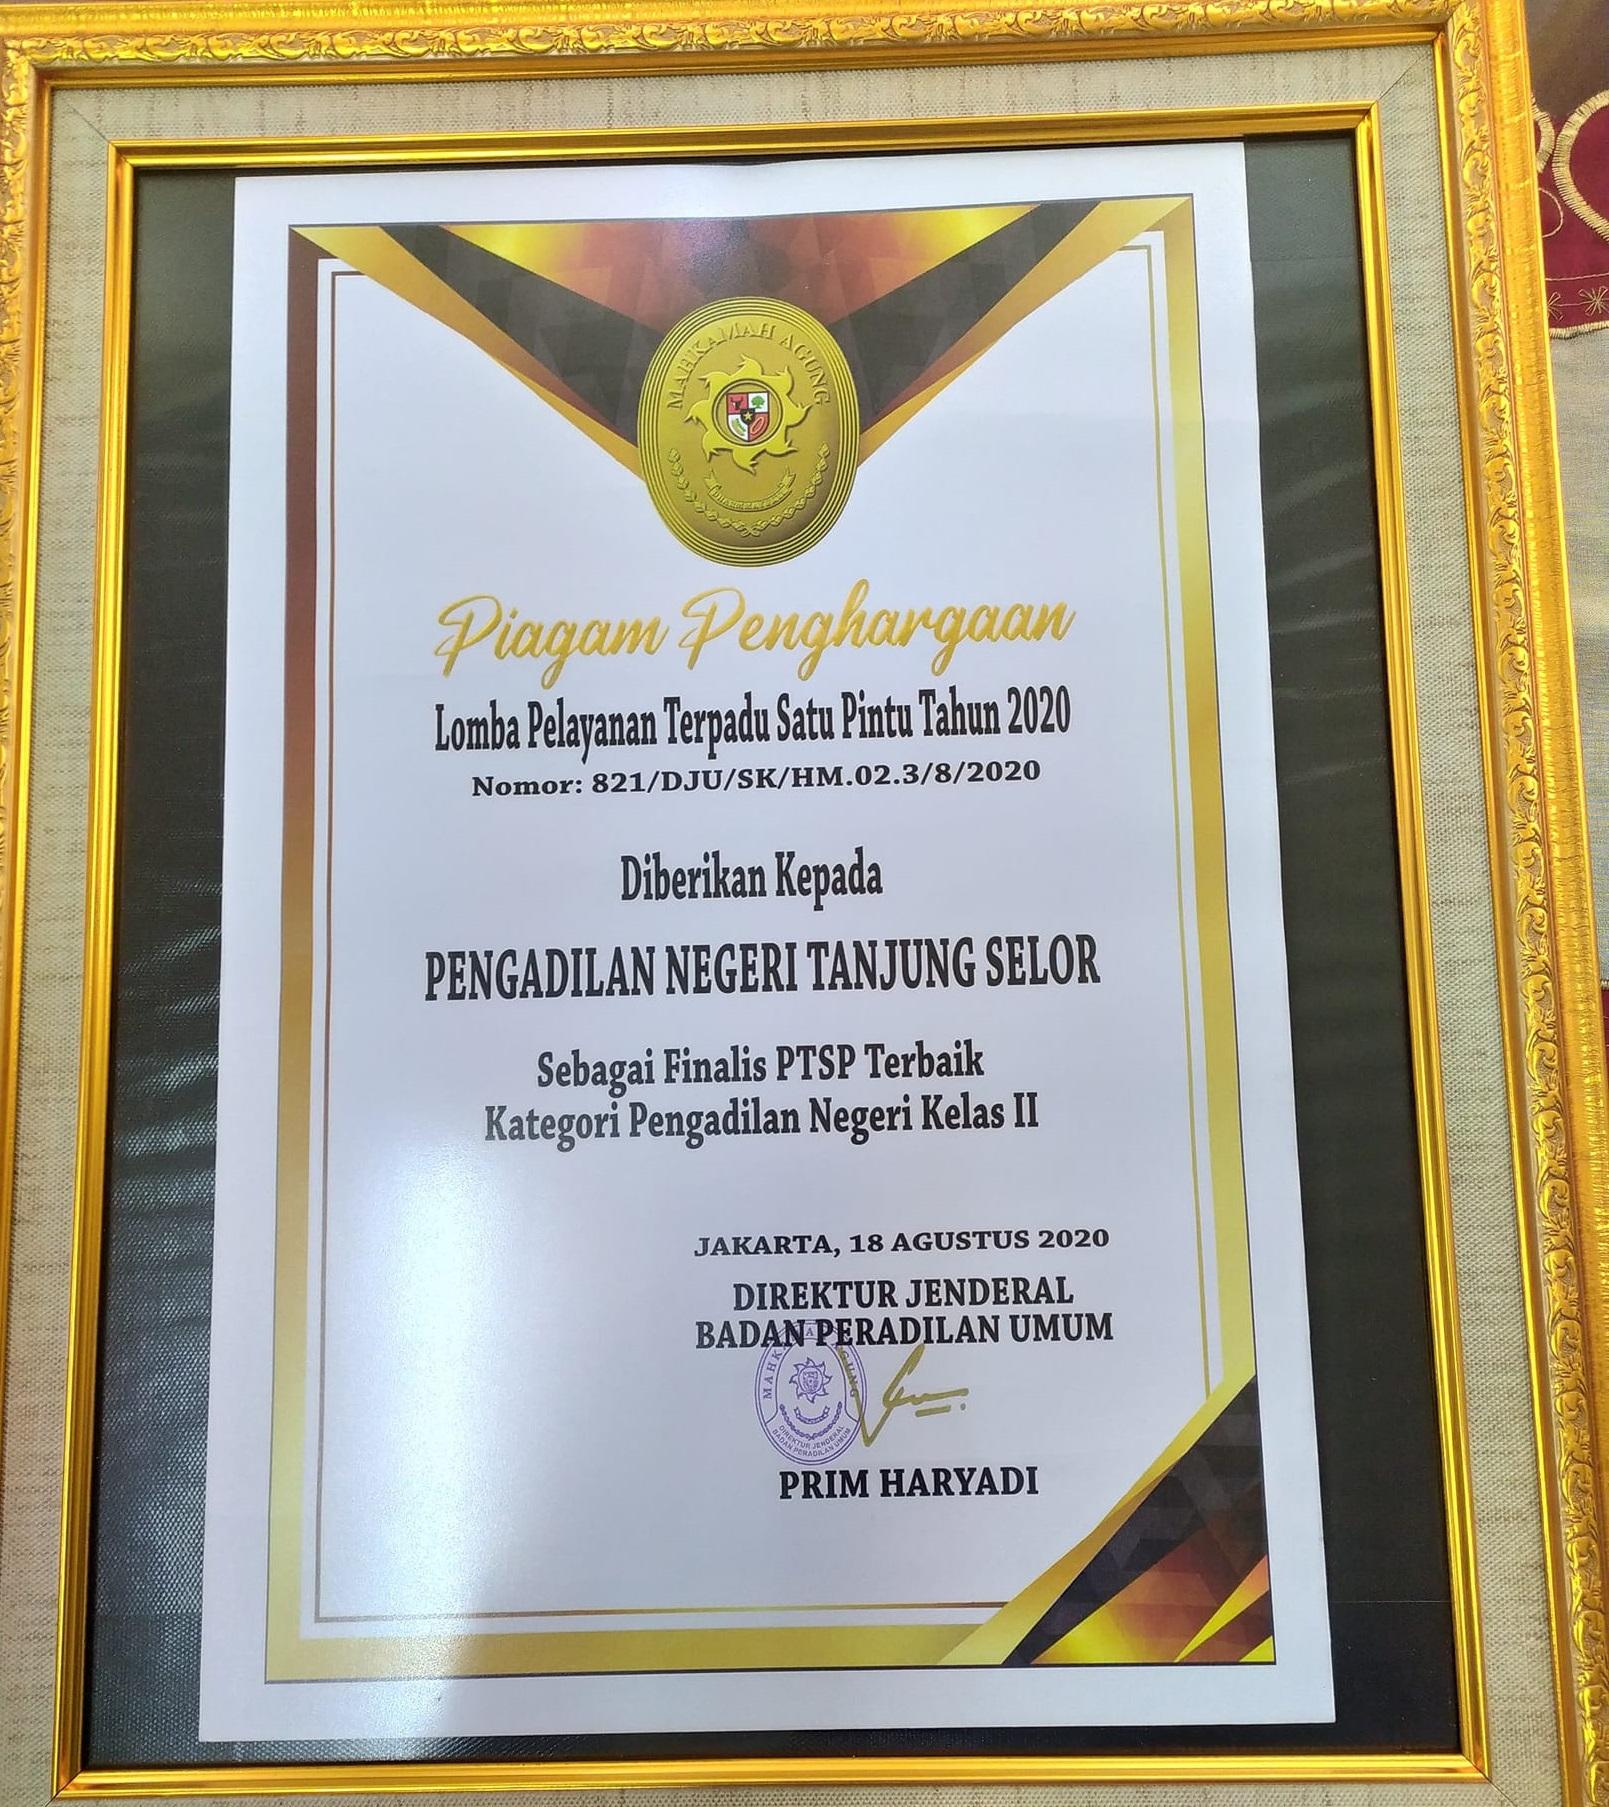 Pengadilan Negeri Tanjung Selor Meraih Piagam Penghargaan sebagai Finalis PTSP Terbaik Kategori Pengadilan Negeri Kelas II